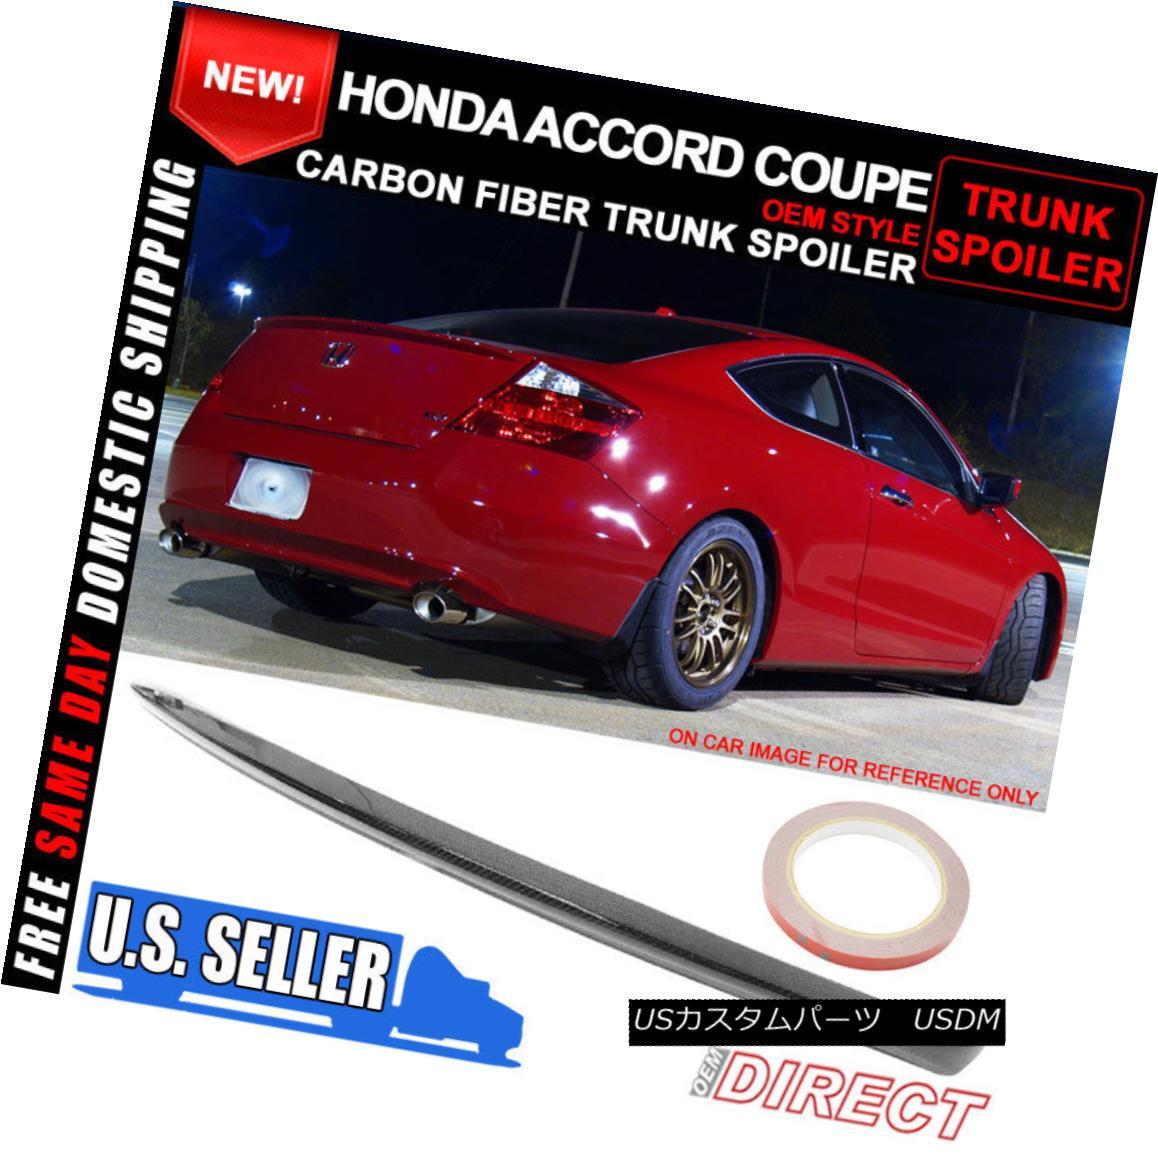 エアロパーツ 08-12 Honda Accord 2D 2DR 2 Door Coupe OE Style Trunk Spoiler Carbon Fiber CF 08-12ホンダアコード2DDR 2ドアクーペOEスタイルトランクスポイラーカーボンファイバーCF